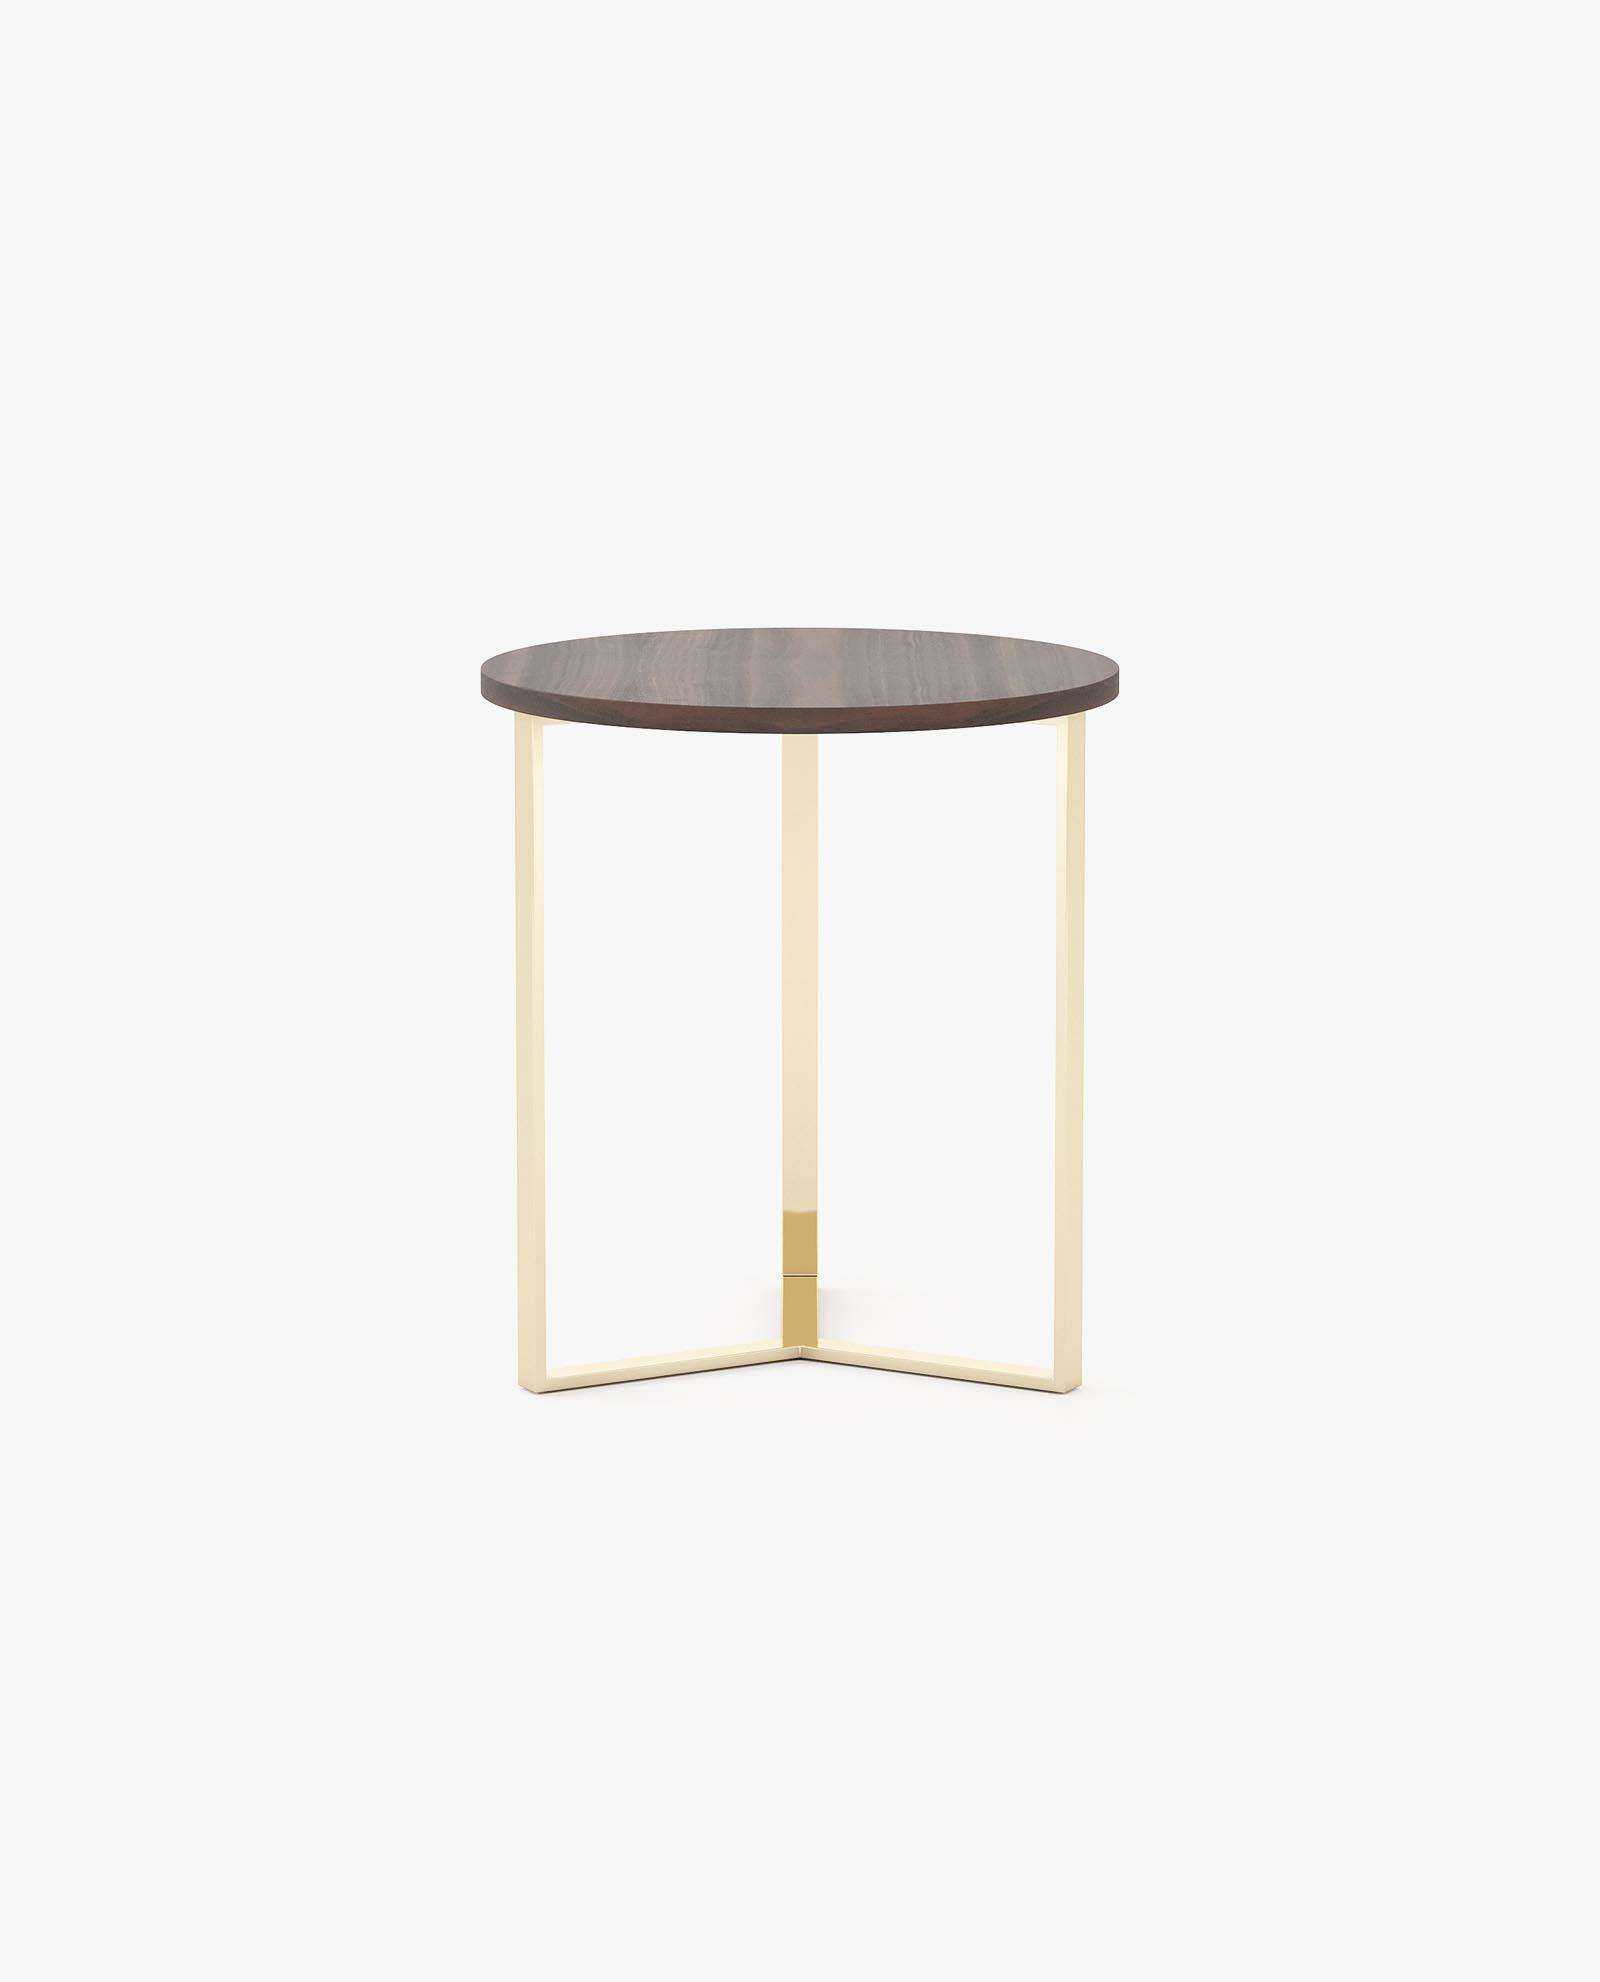 mesa de apoio Dili mobiliário Laskasas